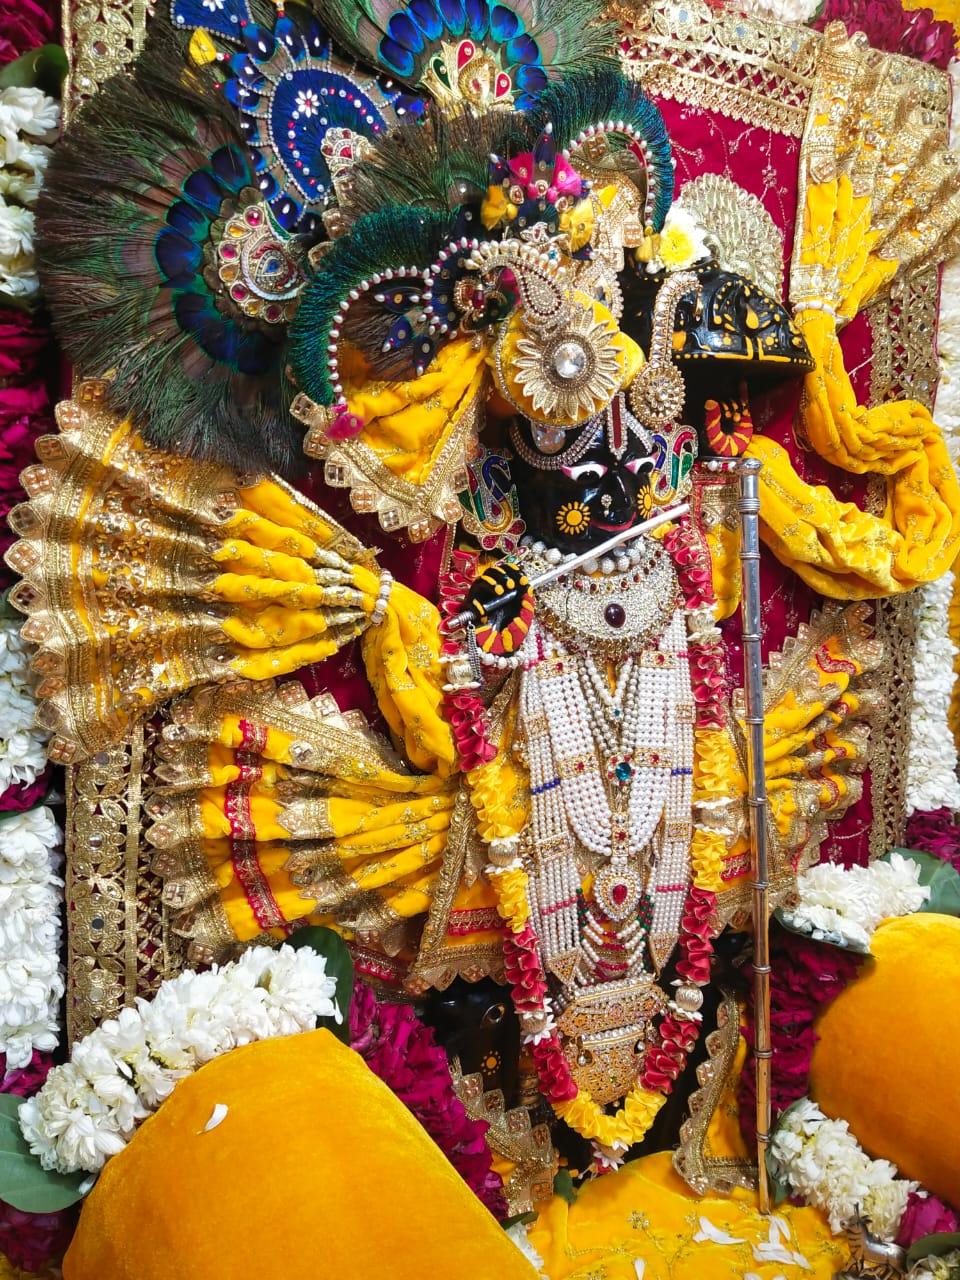 मंदिर में सजाई गई श्री कृष्ण की प्रतिमा।